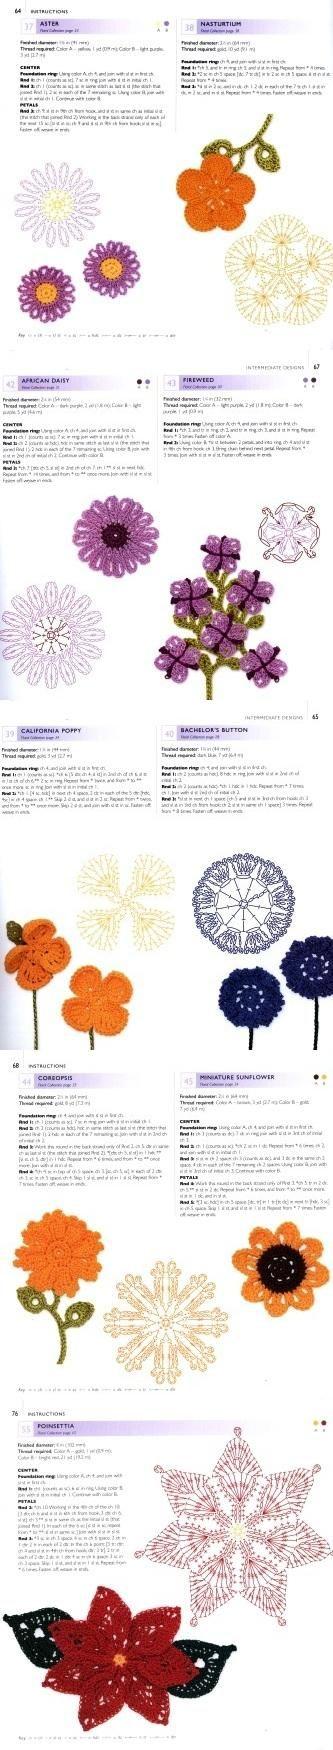 93 Best Horgolt Virgok Images On Pinterest Crocheted Flowers